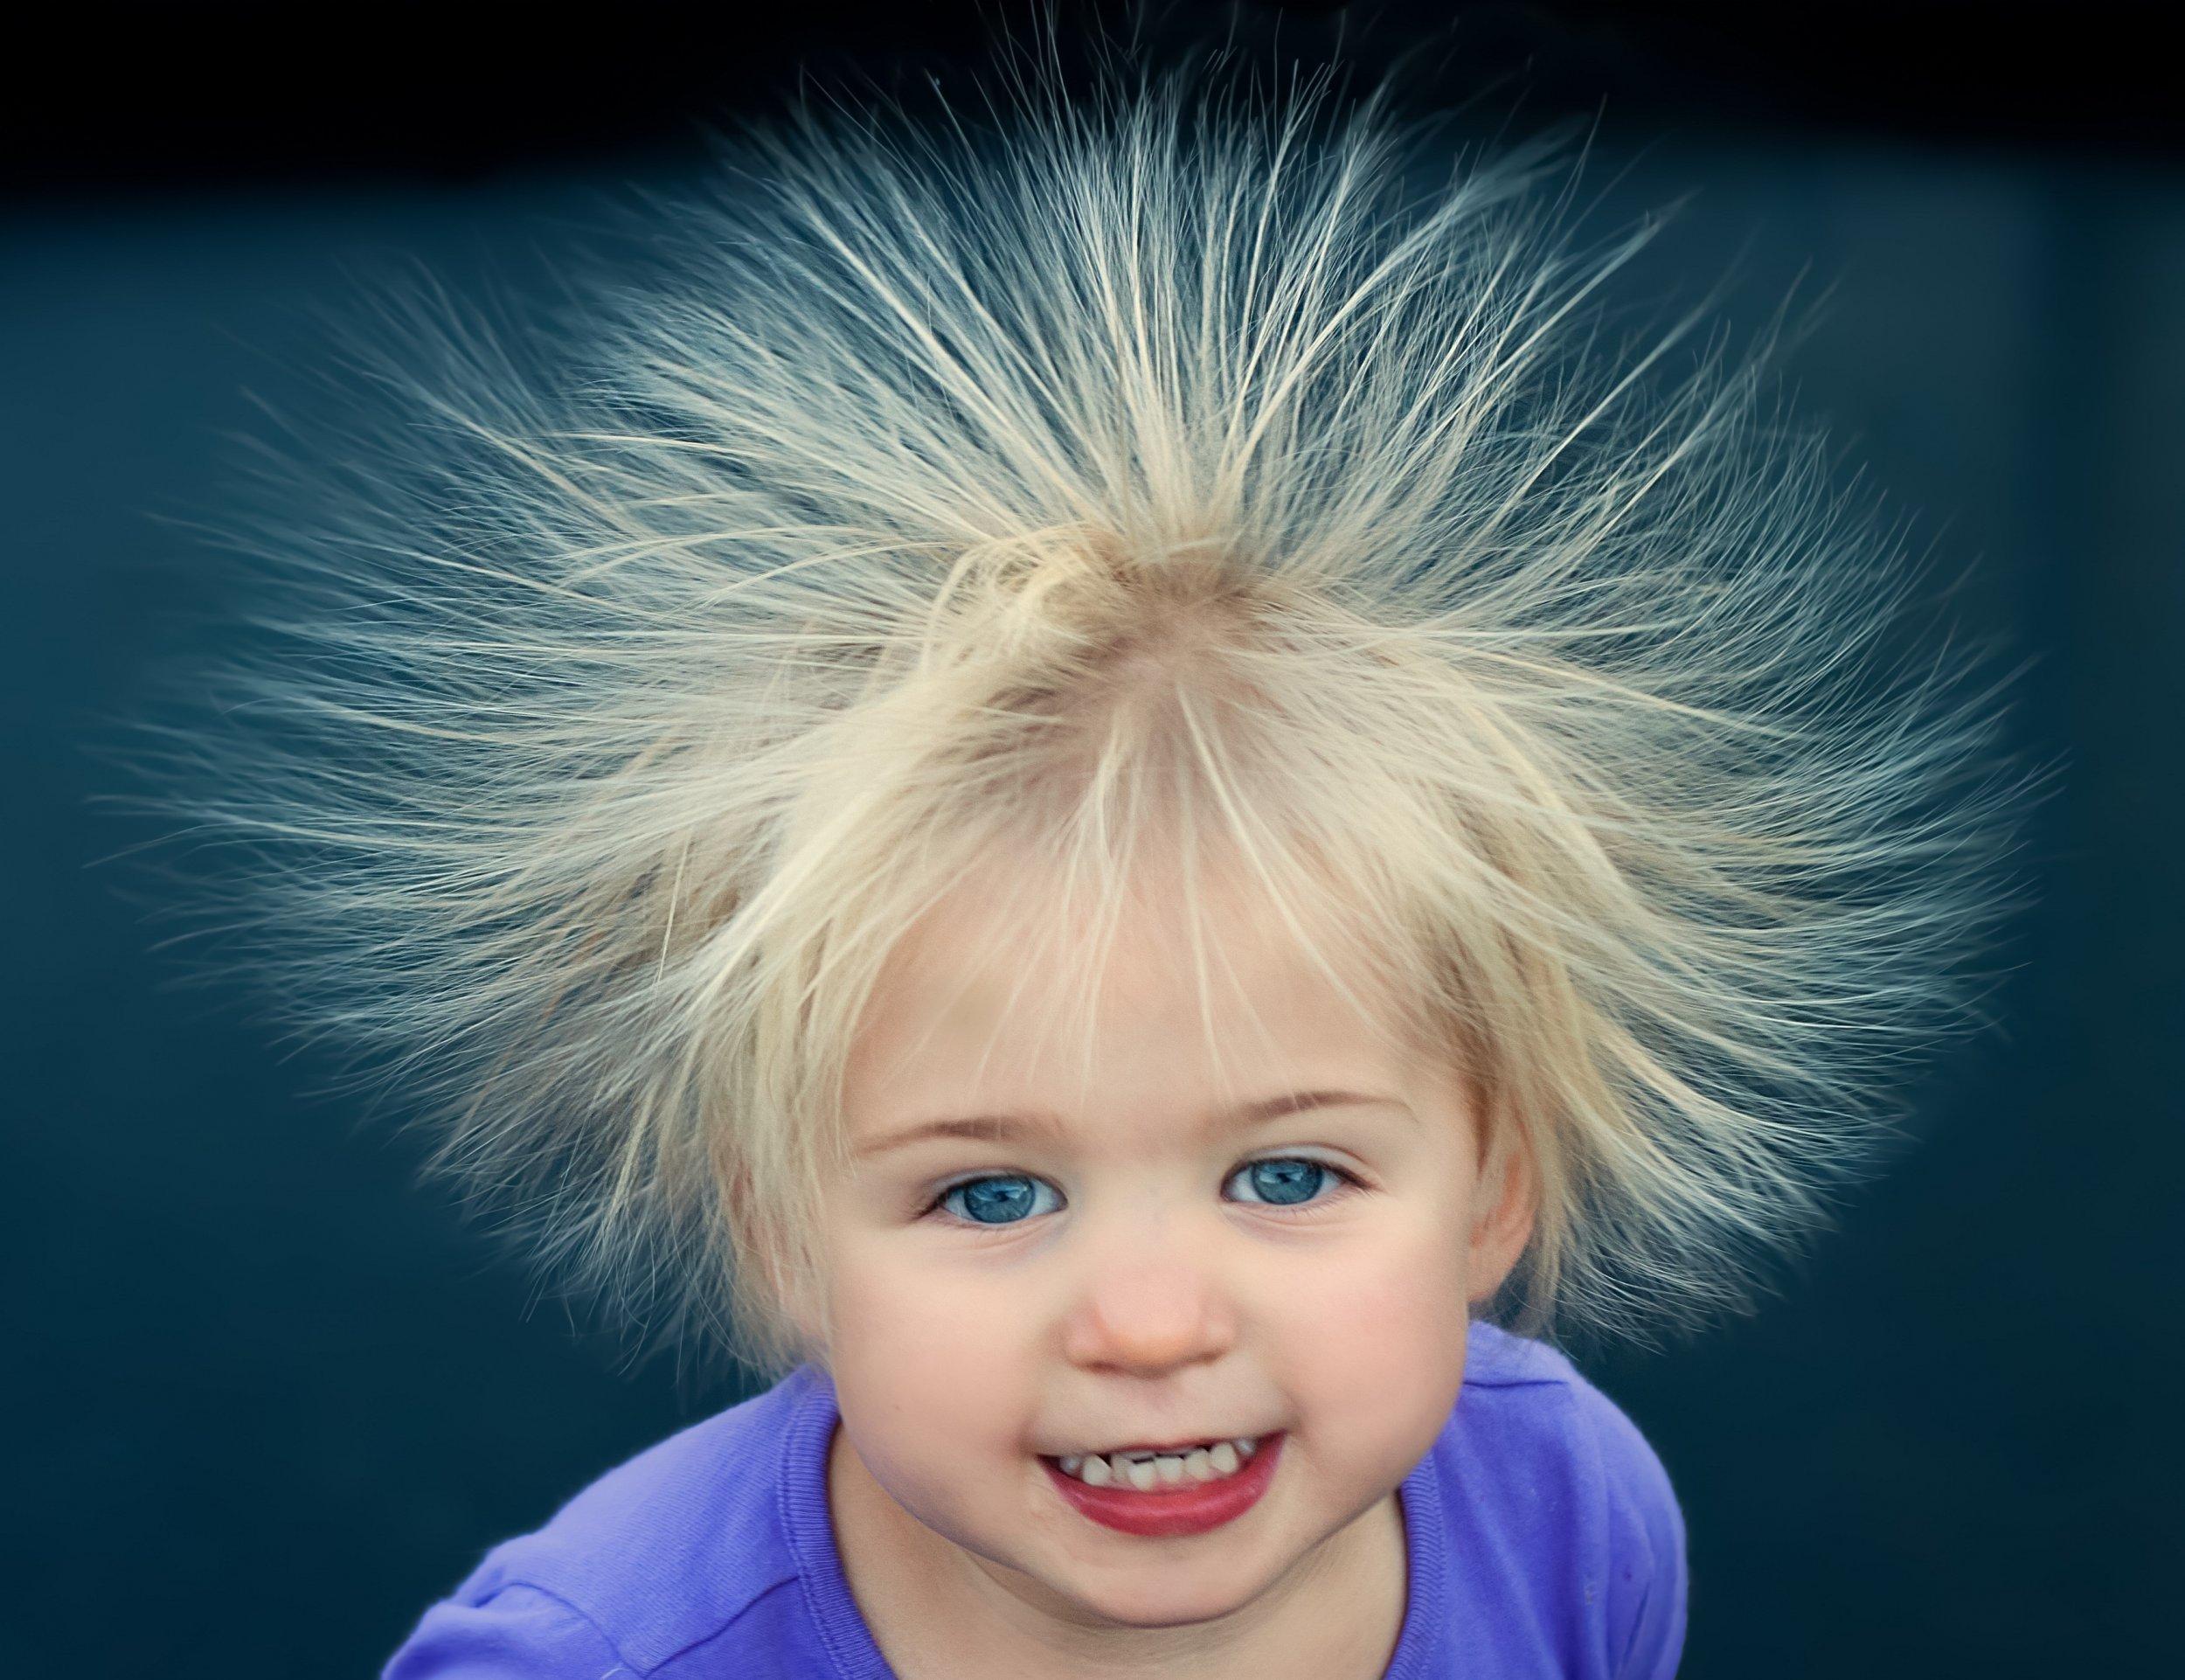 dyslexia electric shock dyslexic reading test